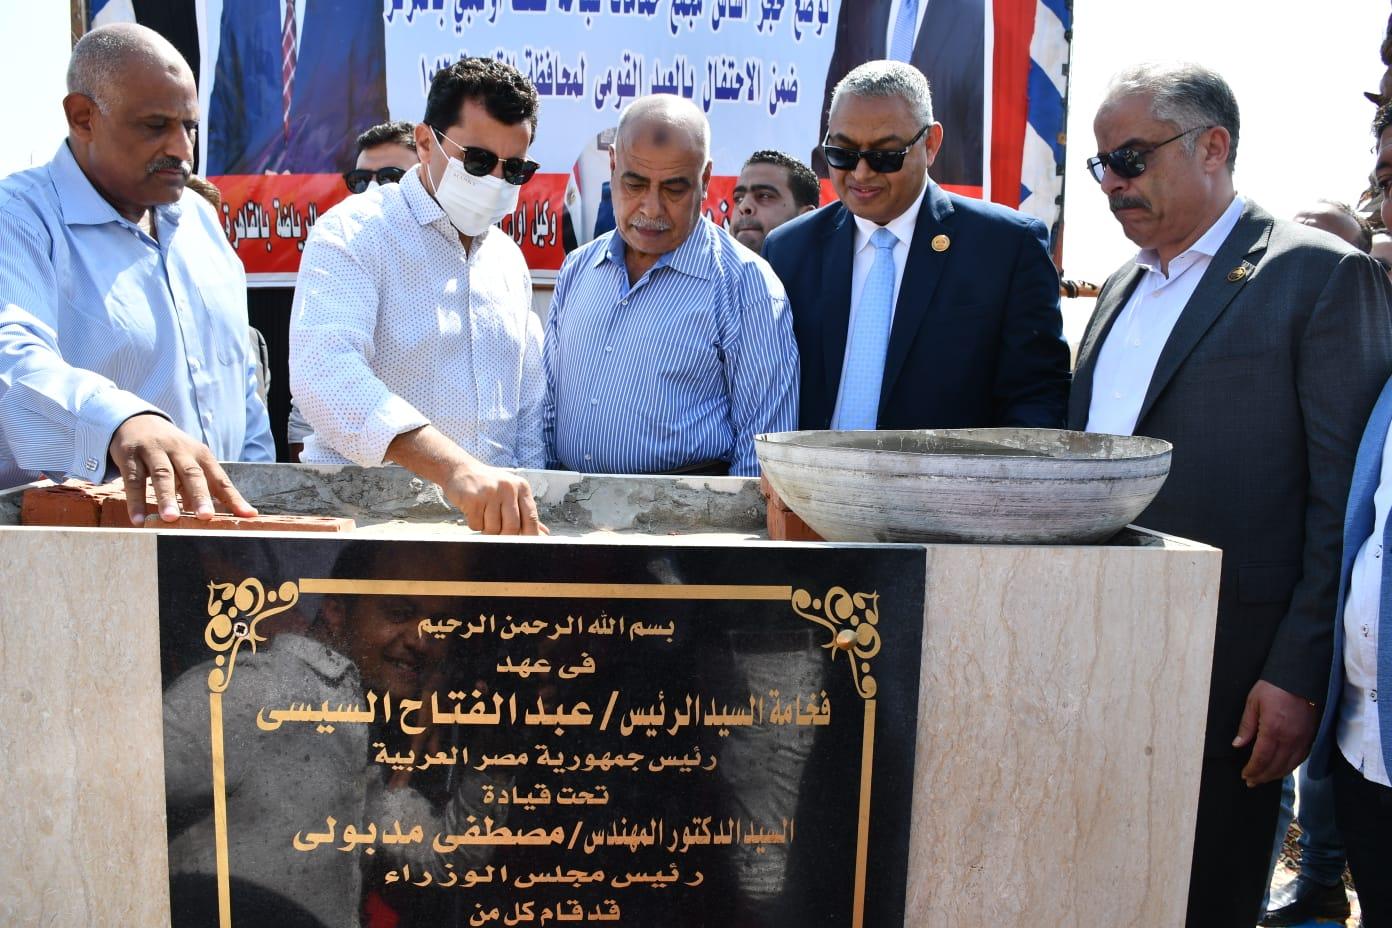 وزير الشباب والرياضة يضع حجر أساس حمام سباحة ومبني إجتماعي بمركز شباب المعصرة